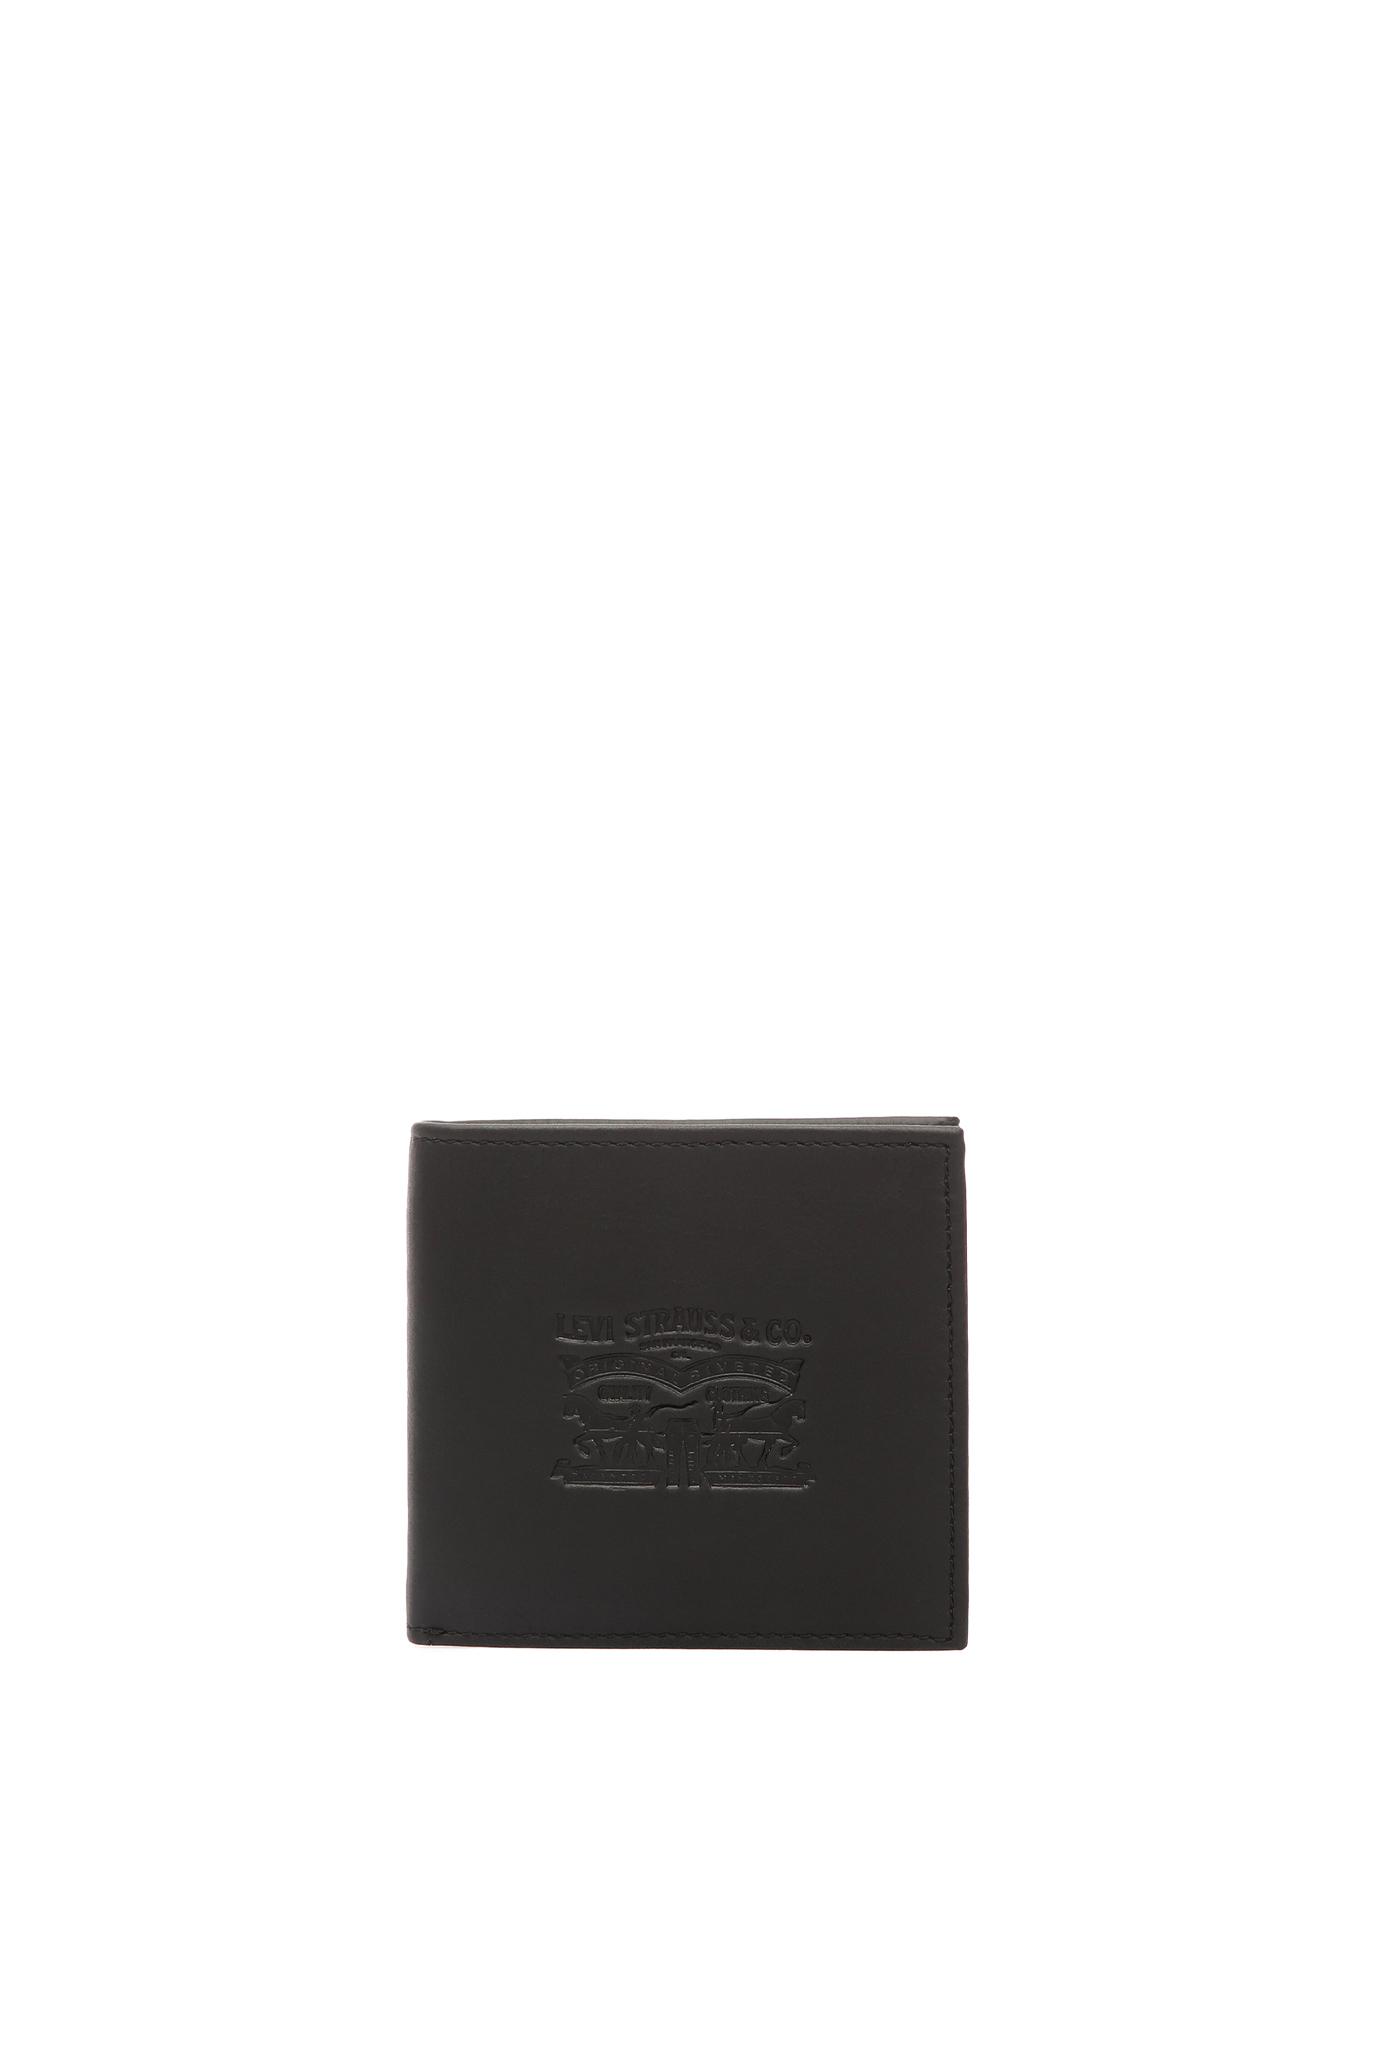 Мужской черный кожаный кошелек Levi's 222539;4.59